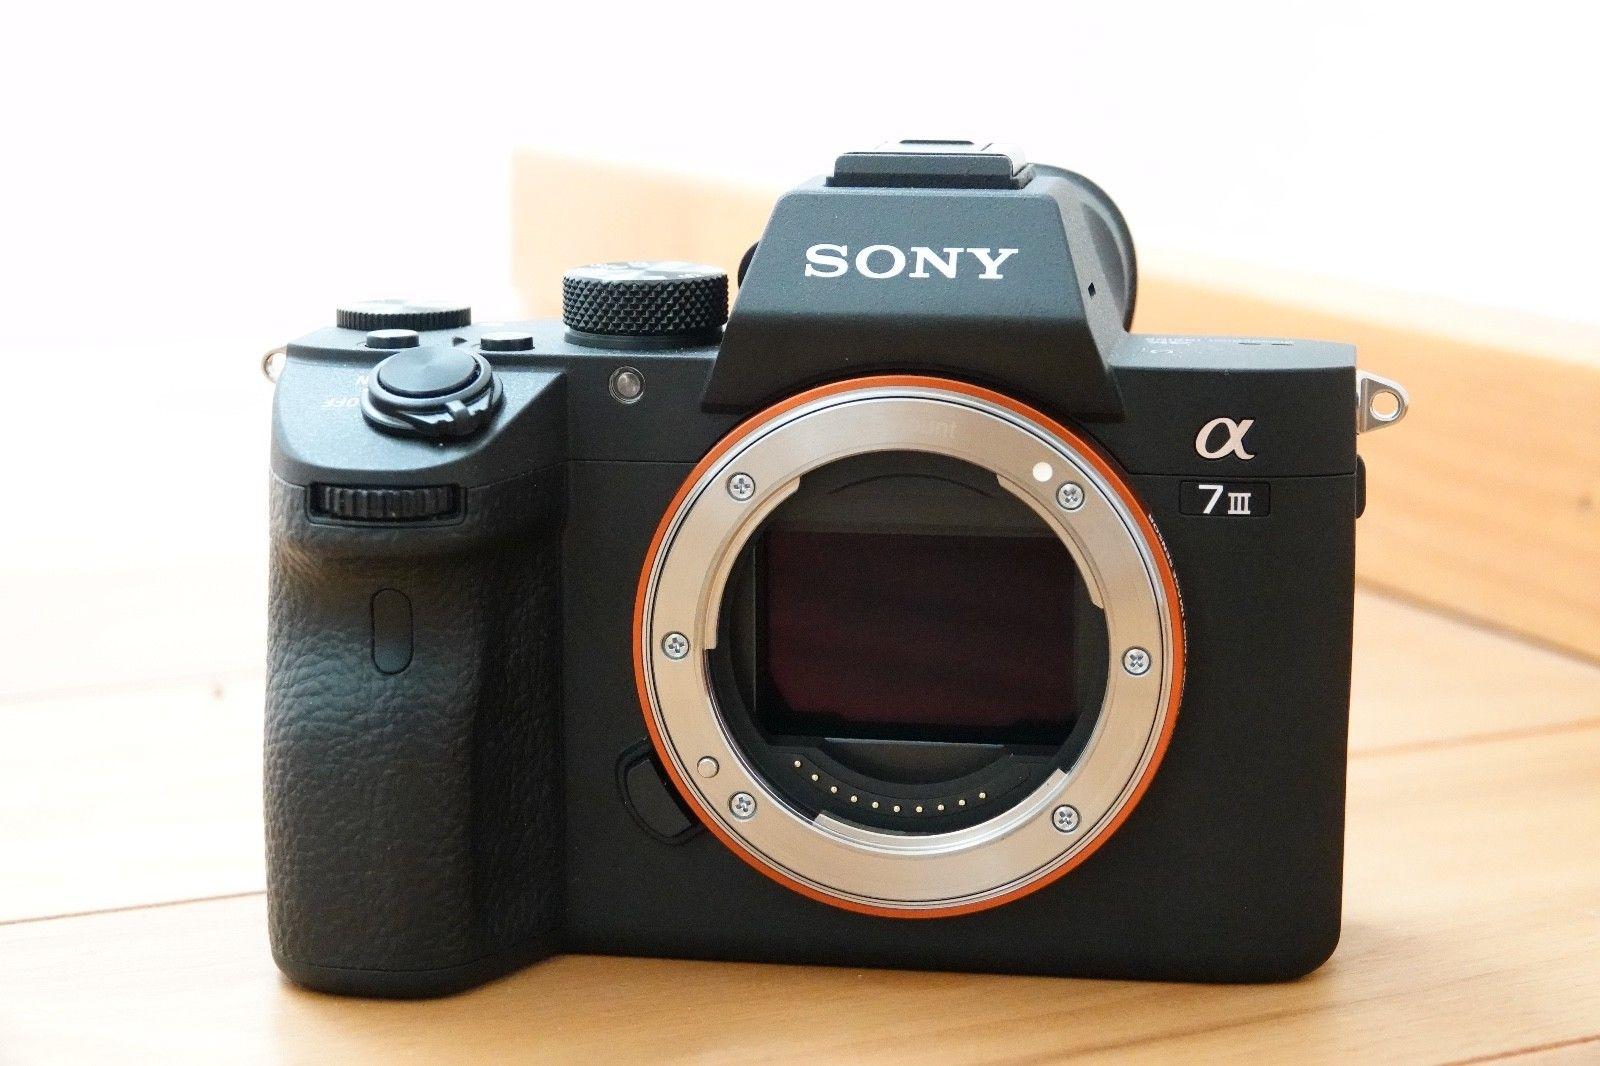 Sony Alpha A7 III ILCE-7M3 (neuwertig, Garantie, 5 Jahre Pannenschutz)